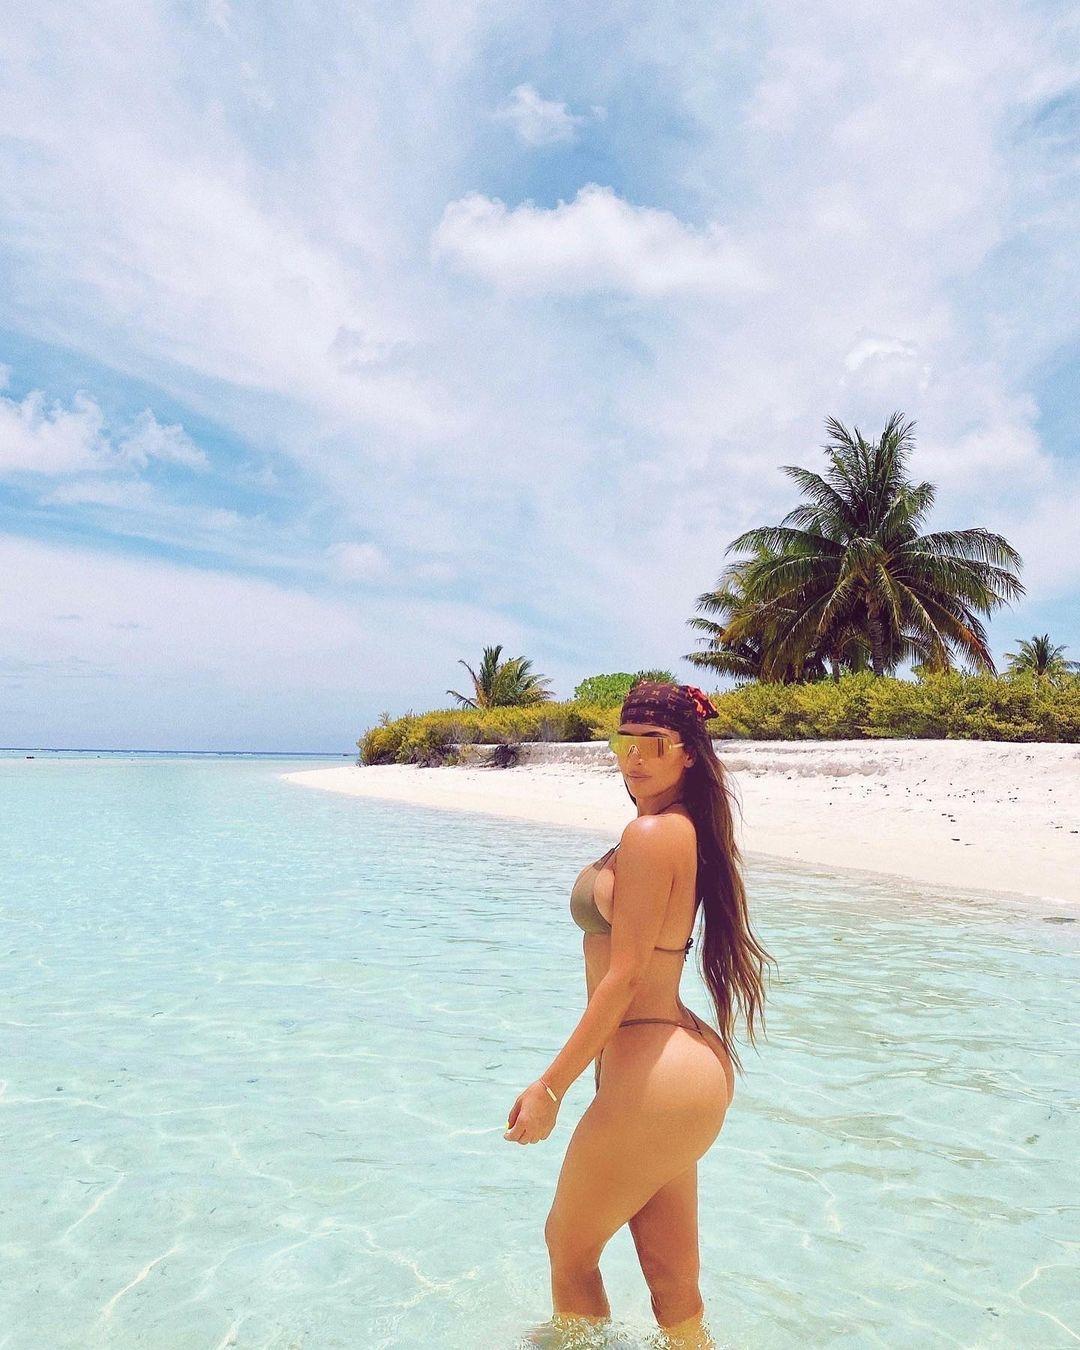 Слишком горячо: Ким Кардашьян показала соблазнительные фото в купальнике - фото №4